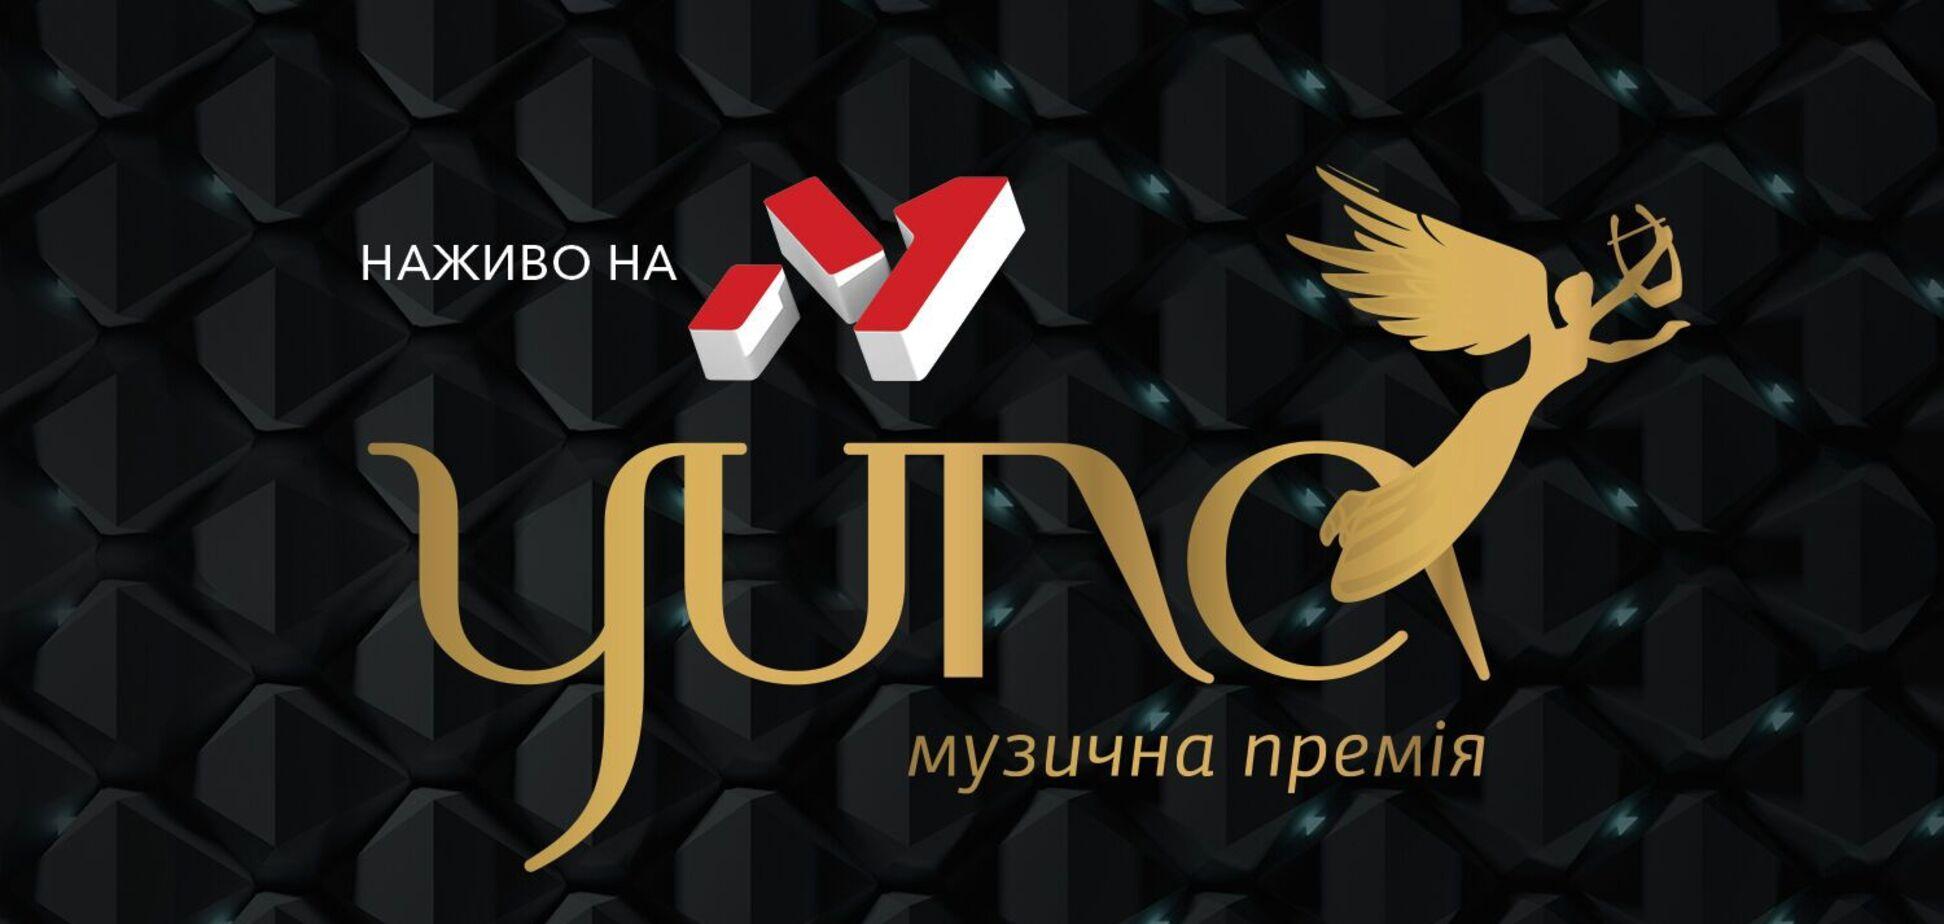 Церемония награждения премией YUNA 2021 состоится вечером 12 мая